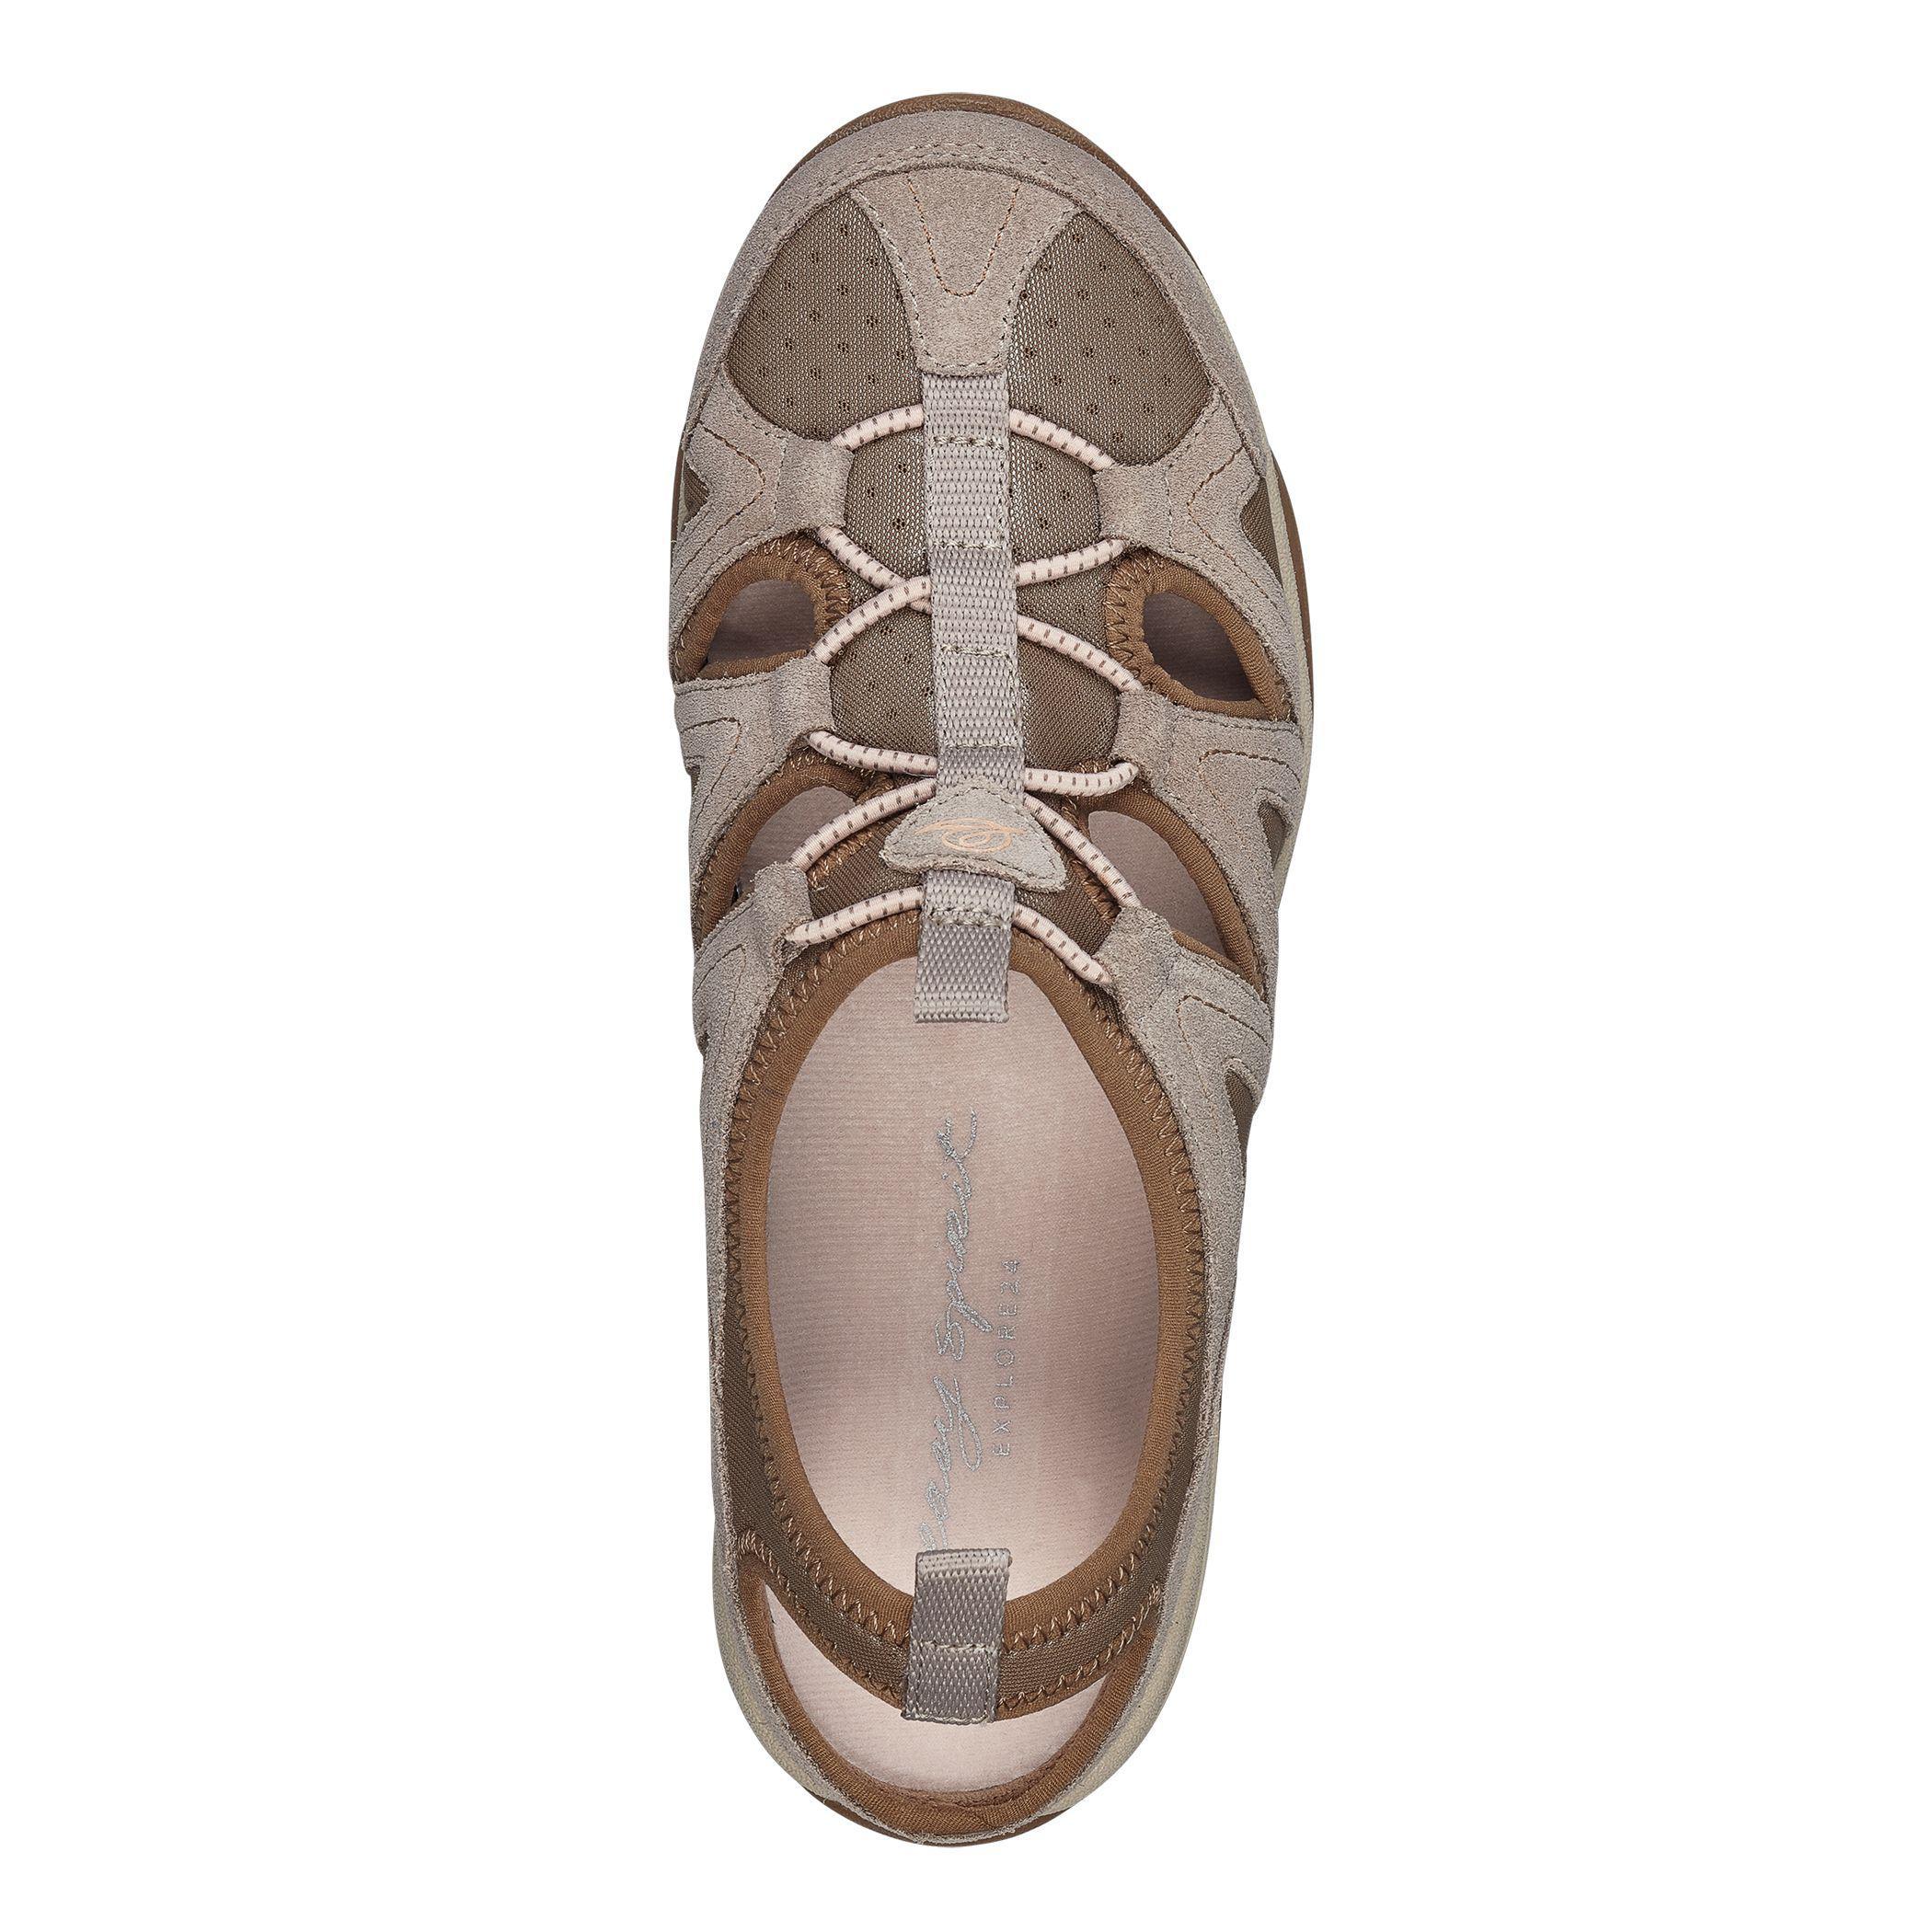 0d18c7883e4b Lyst - Easy Spirit Earthen Walking Shoes in Brown